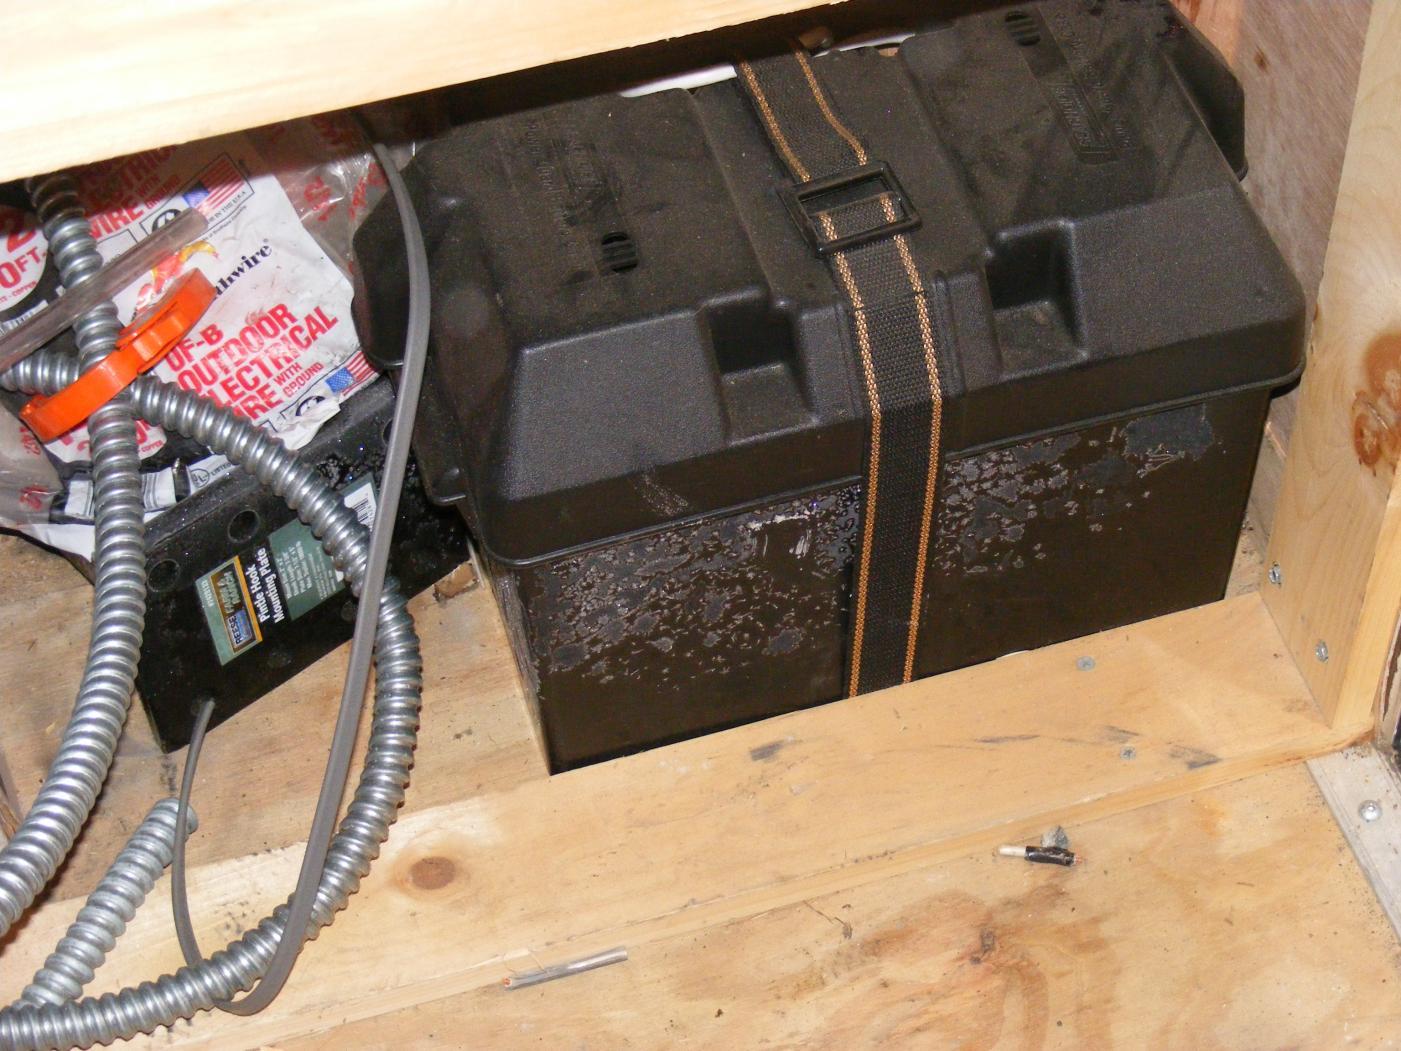 Wiring in an inverter.-dscf3177.jpg